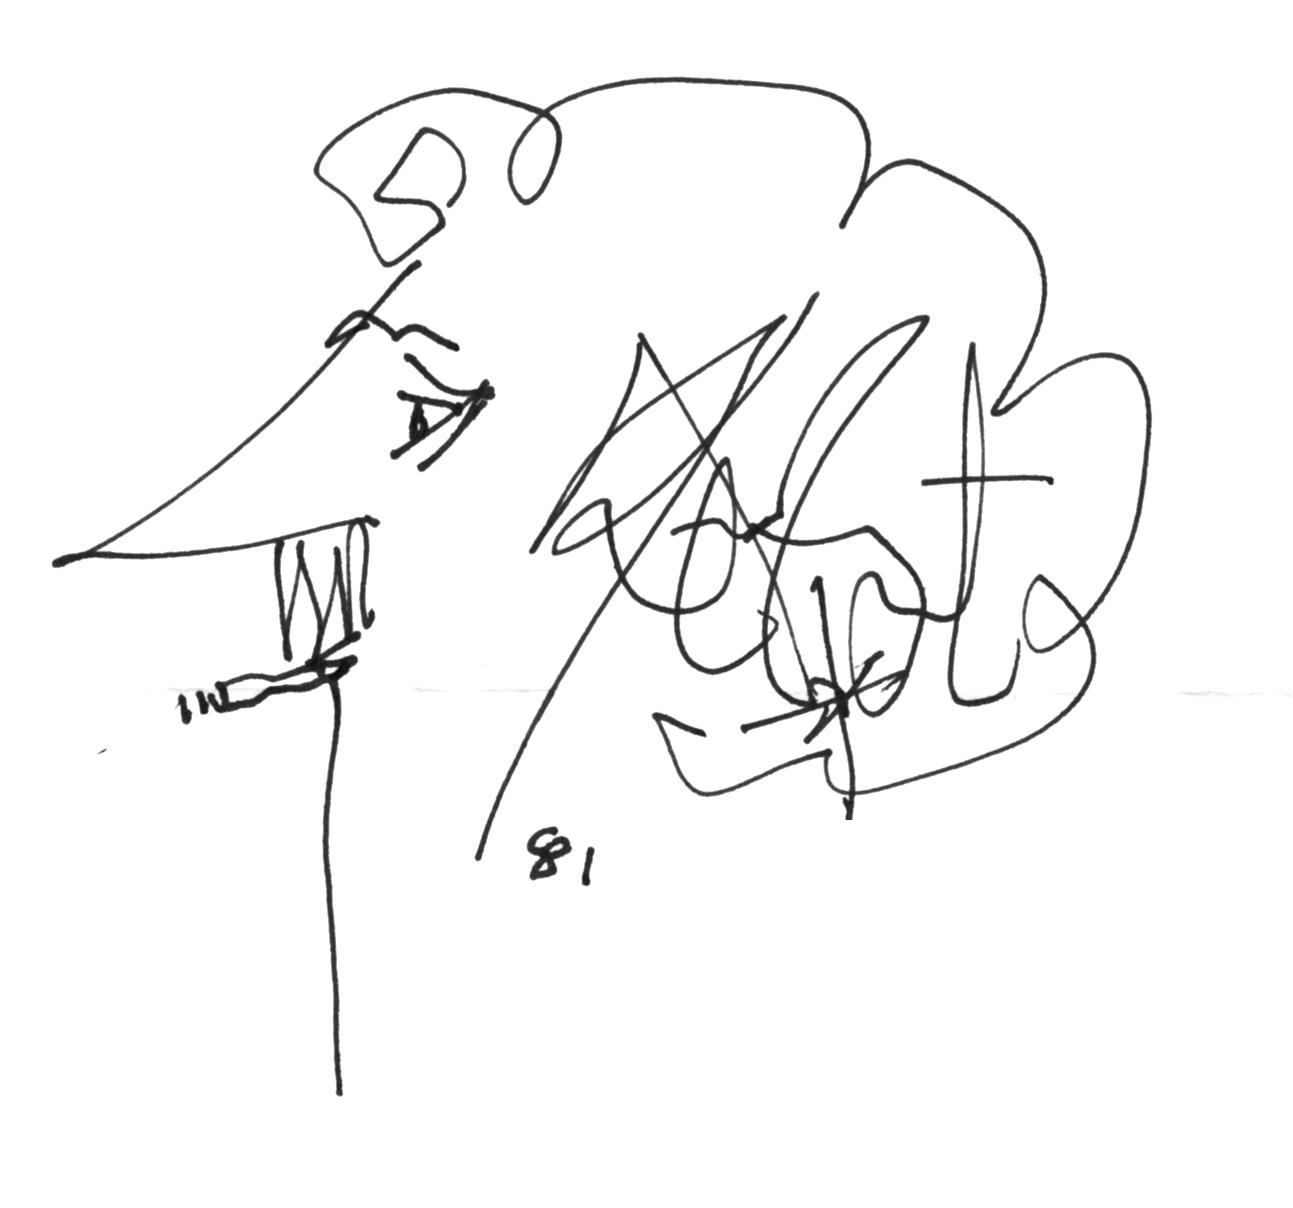 10d.-vonnegut-signature